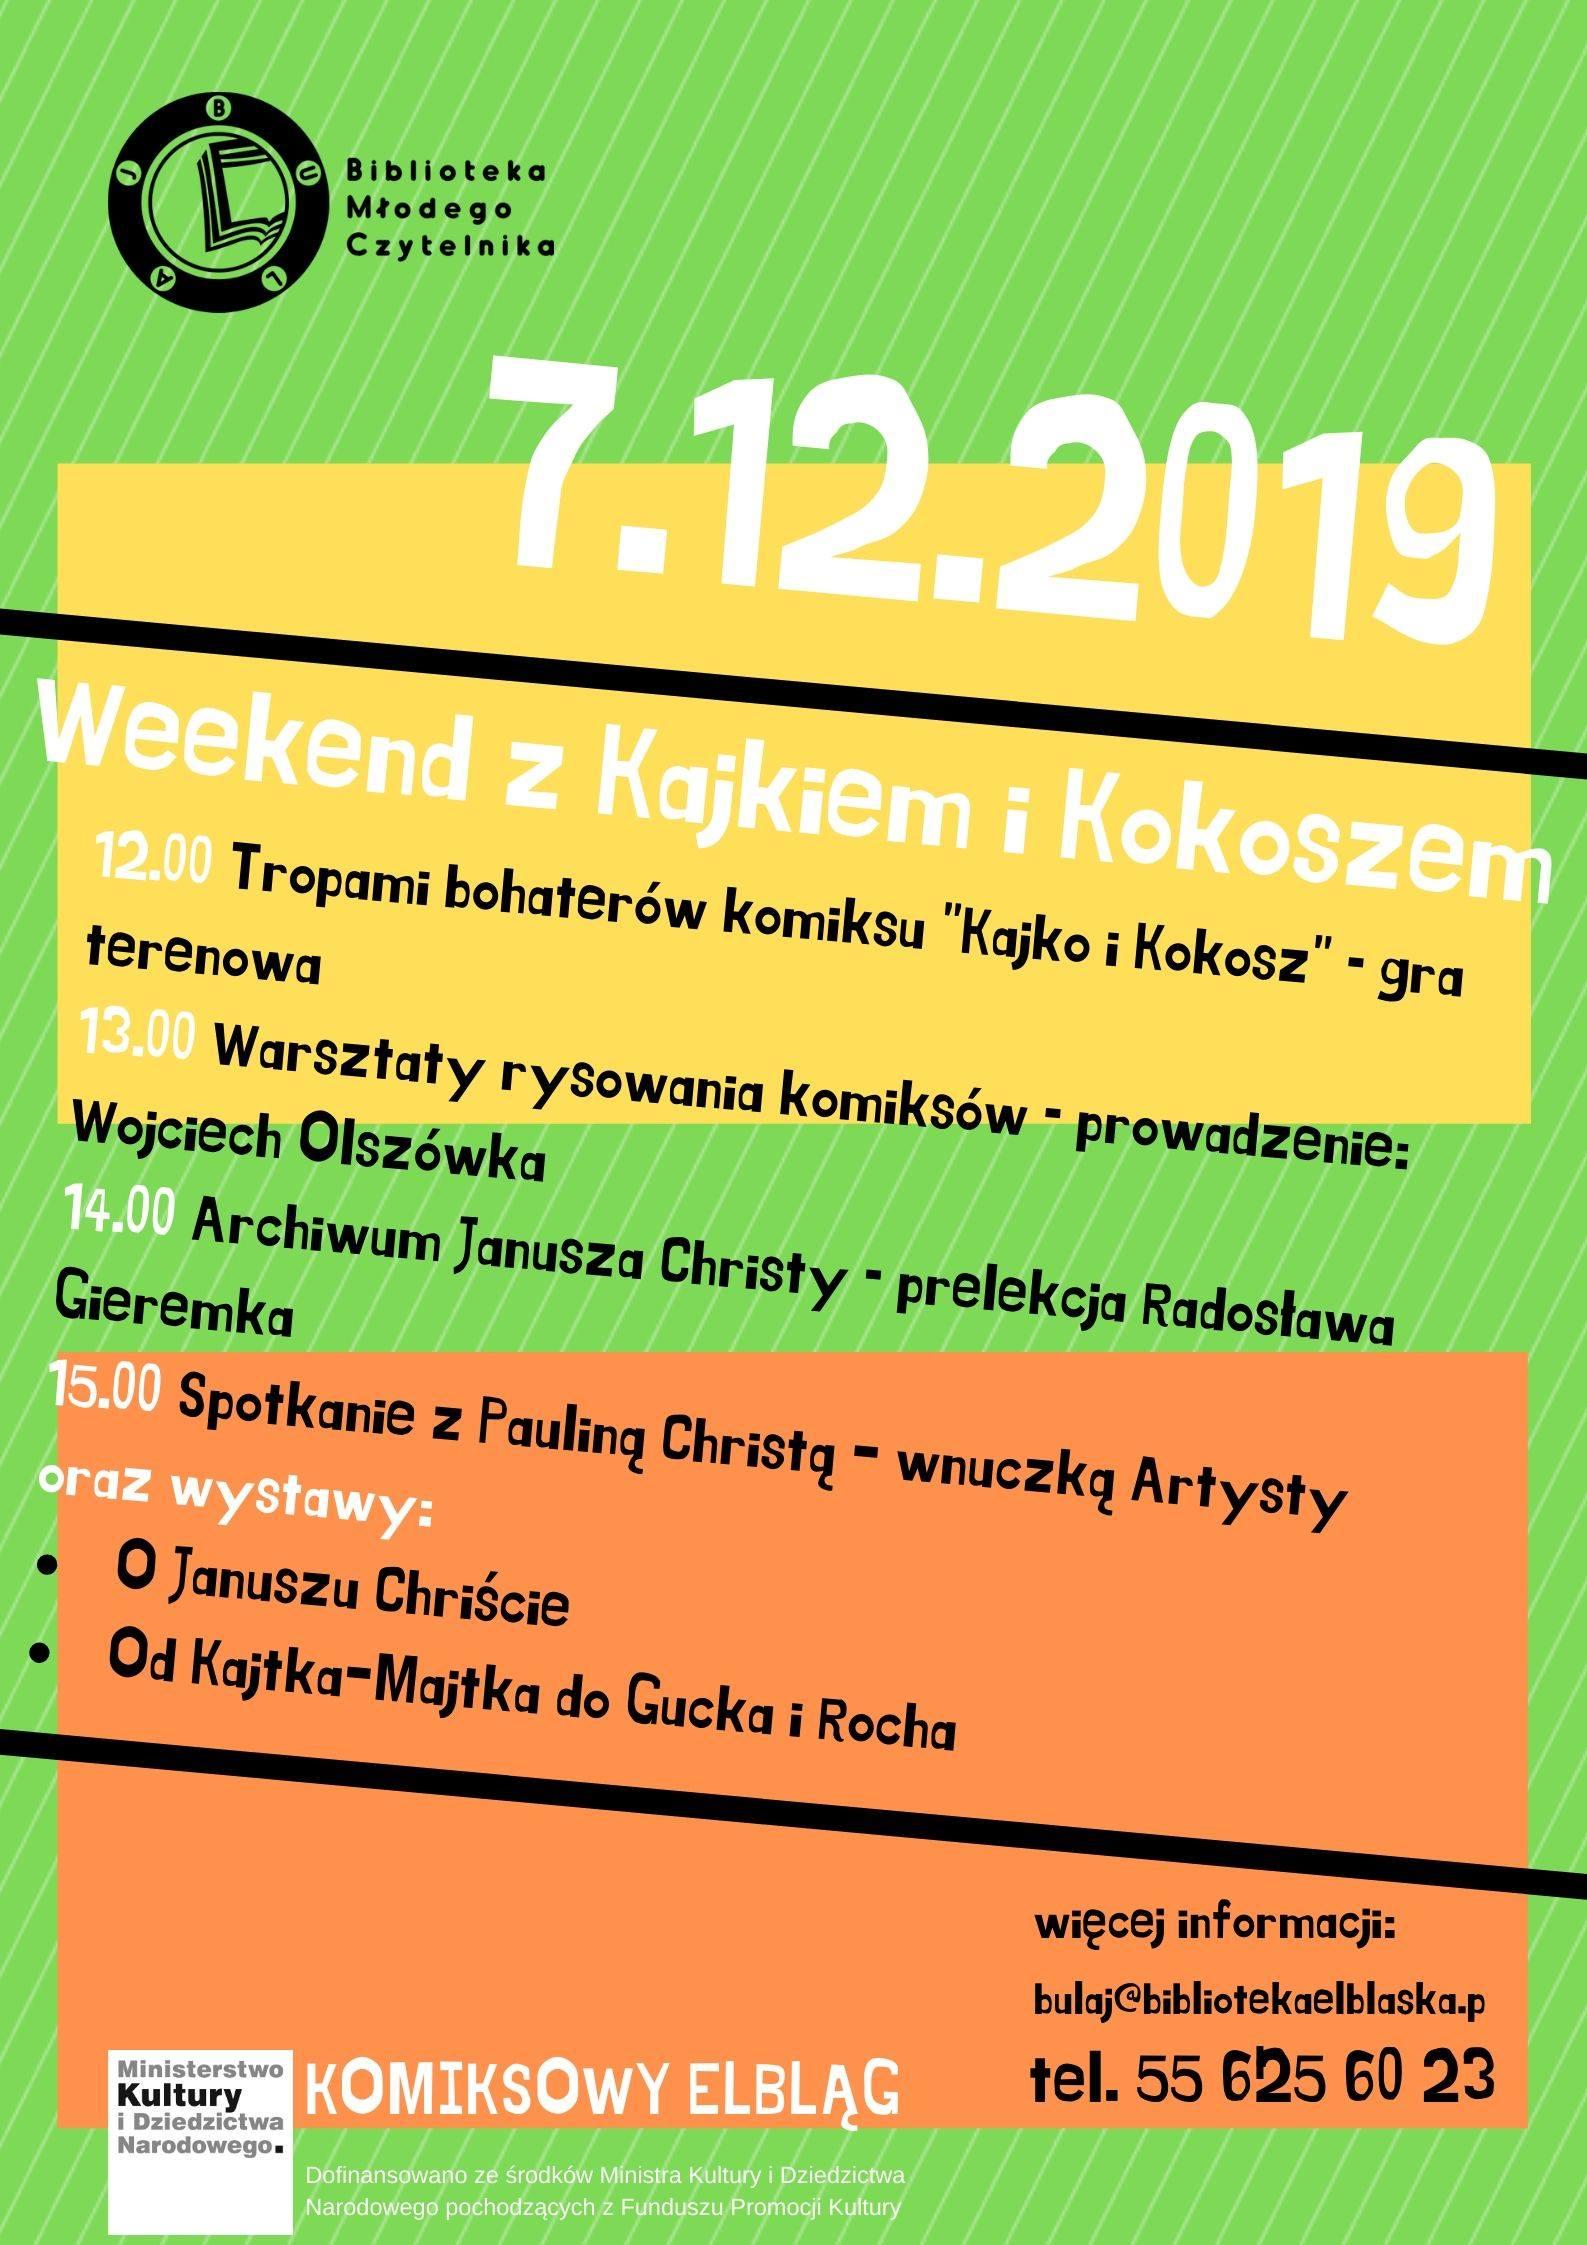 http://m.wm.pl/2019/12/orig/weekend-z-kajkiem-i-kokoszem-595981.jpg